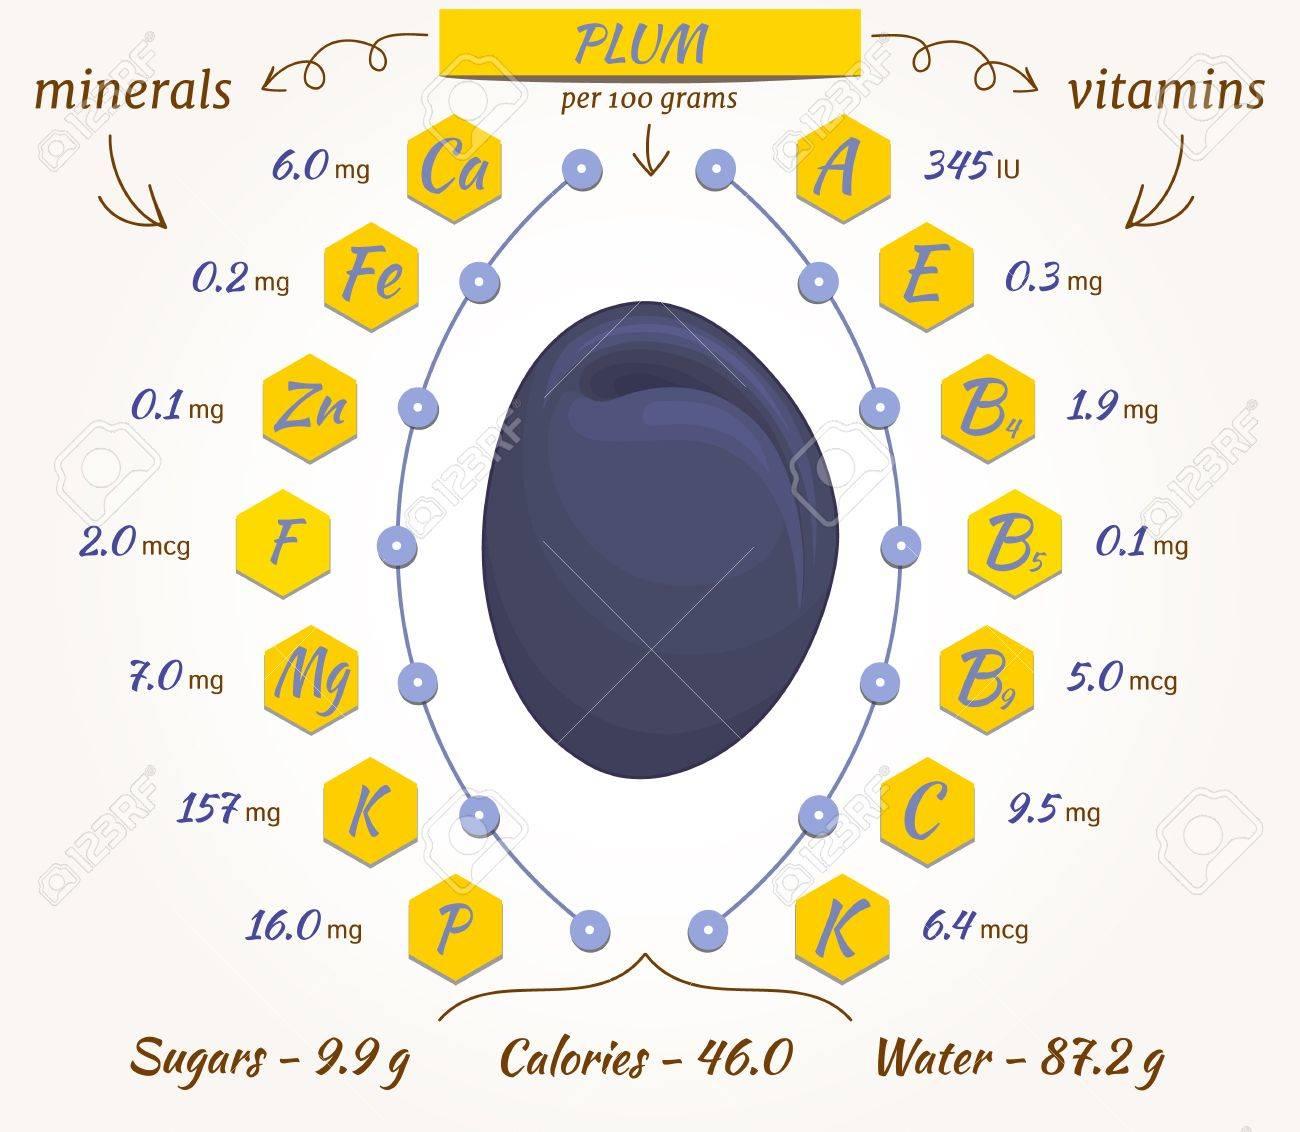 栄養素 プラム